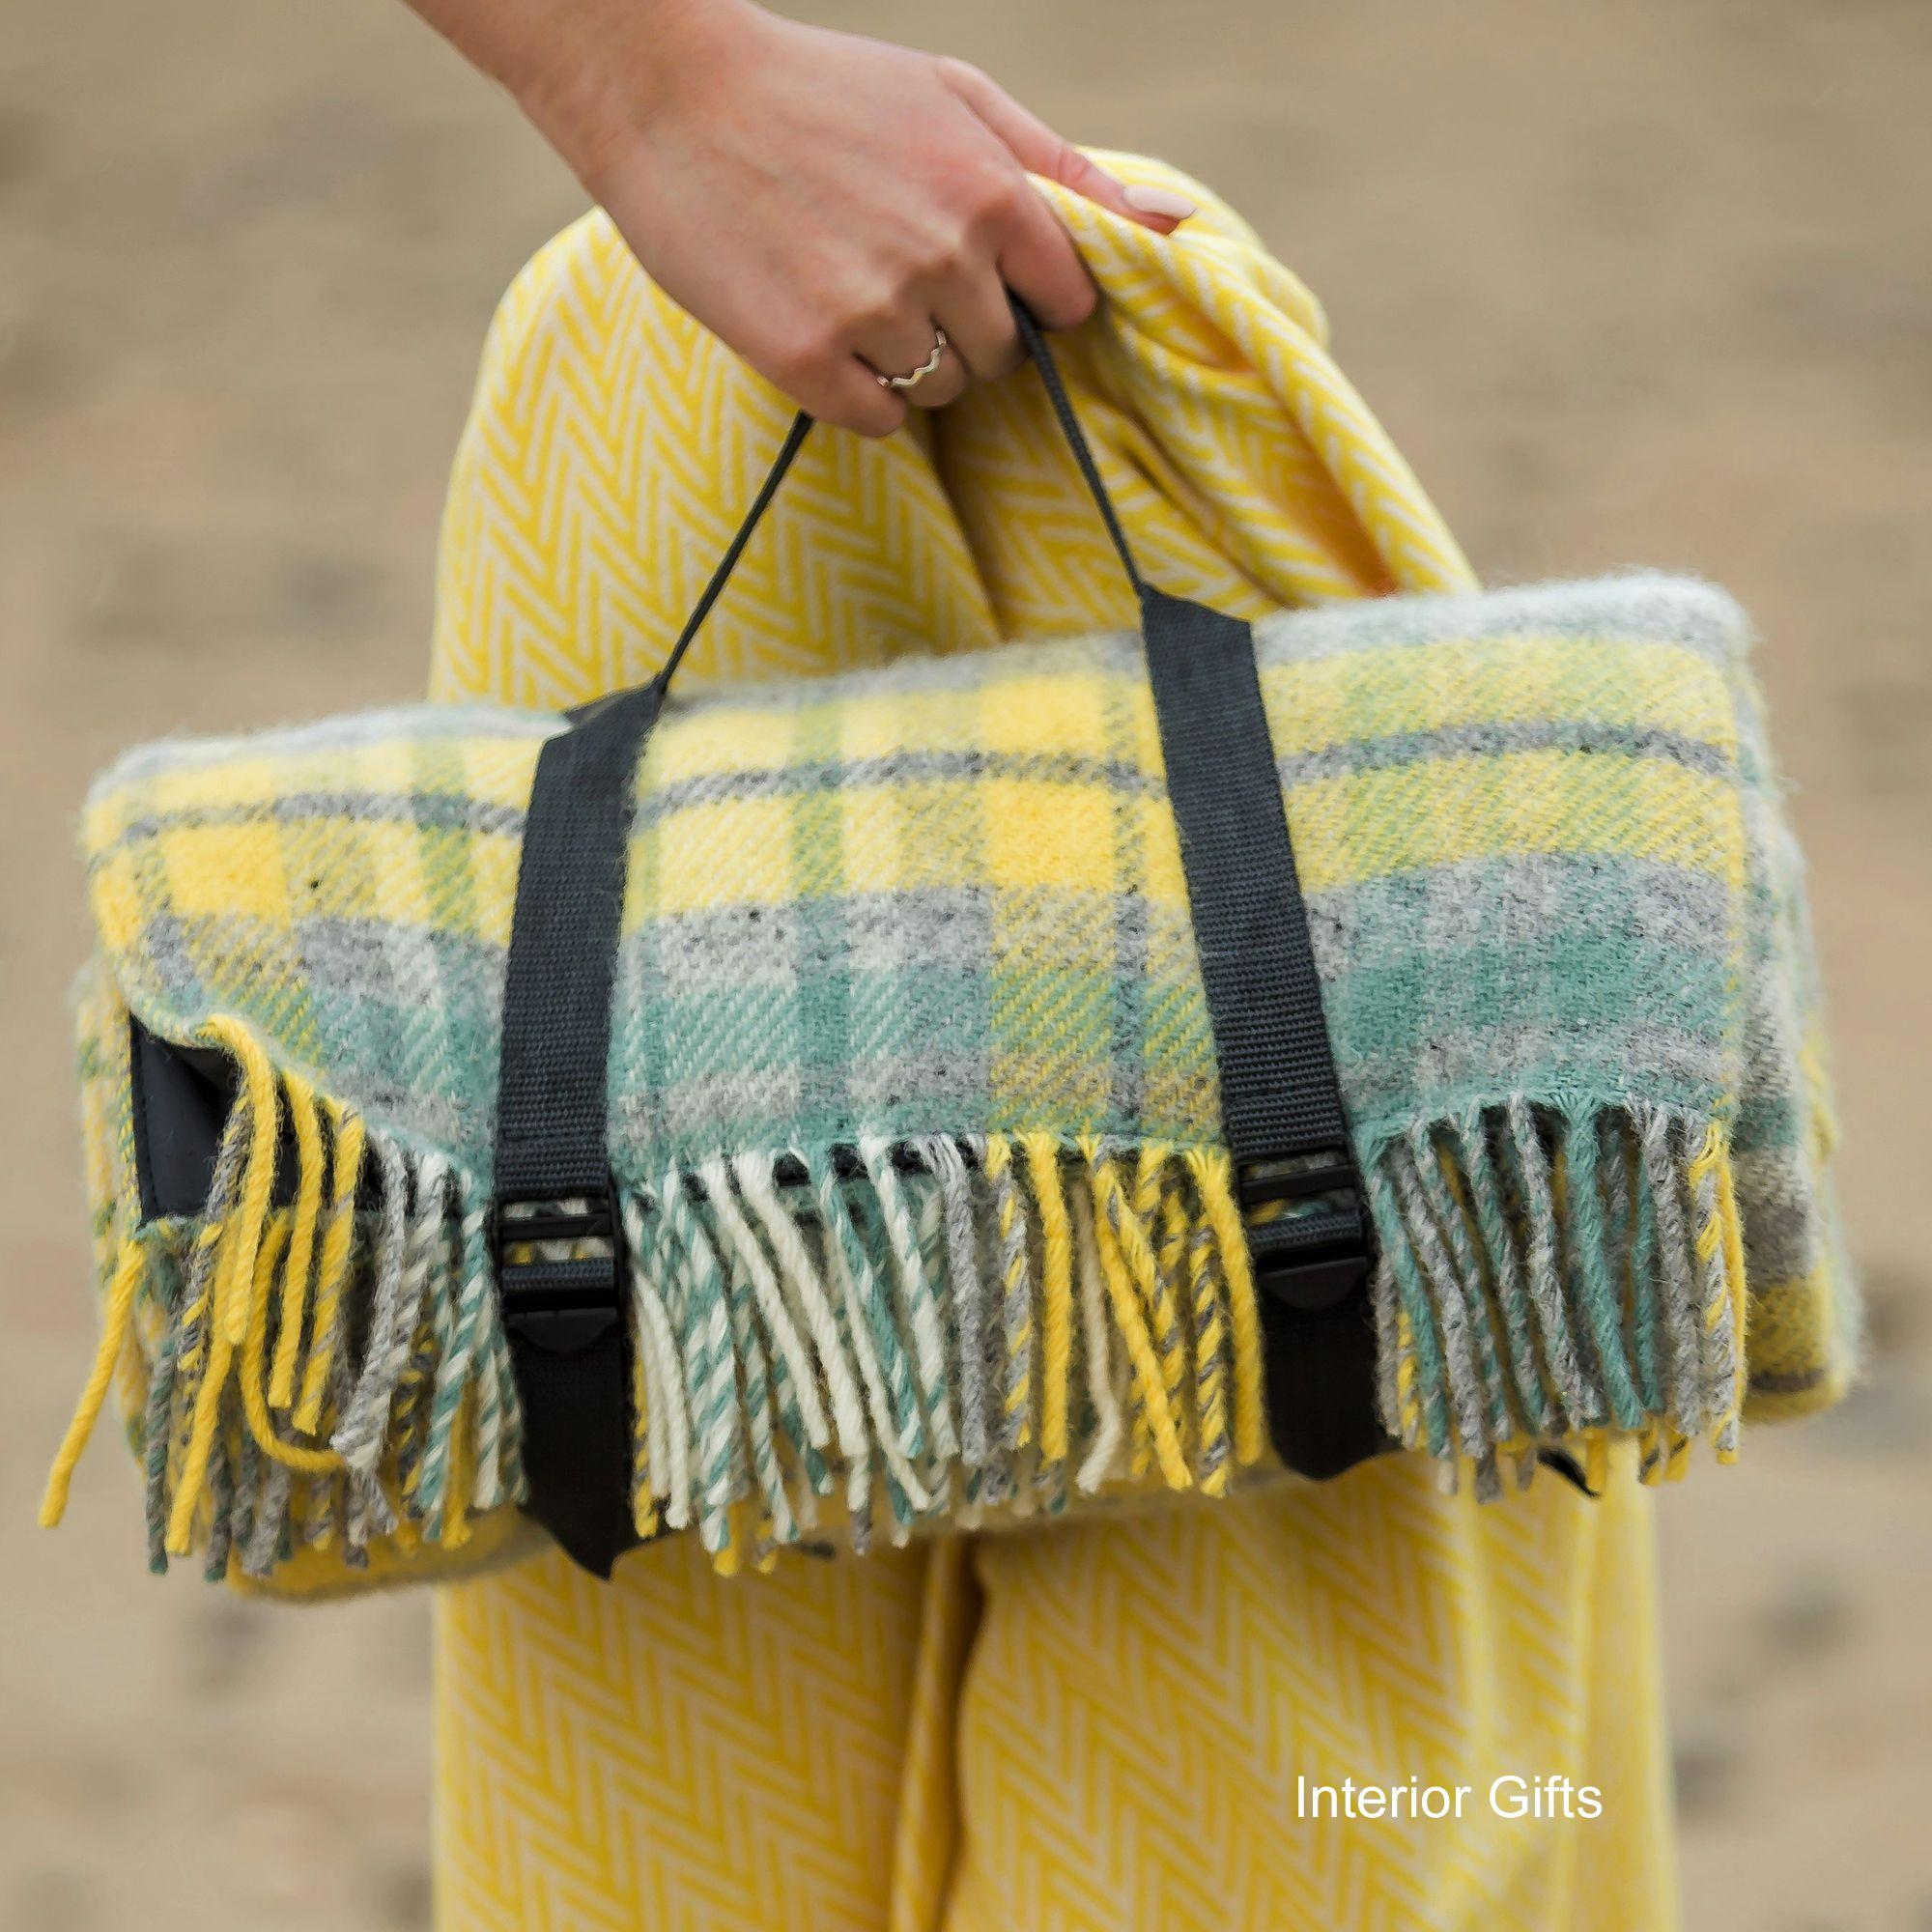 Wool Picnic Rugs Waterproof